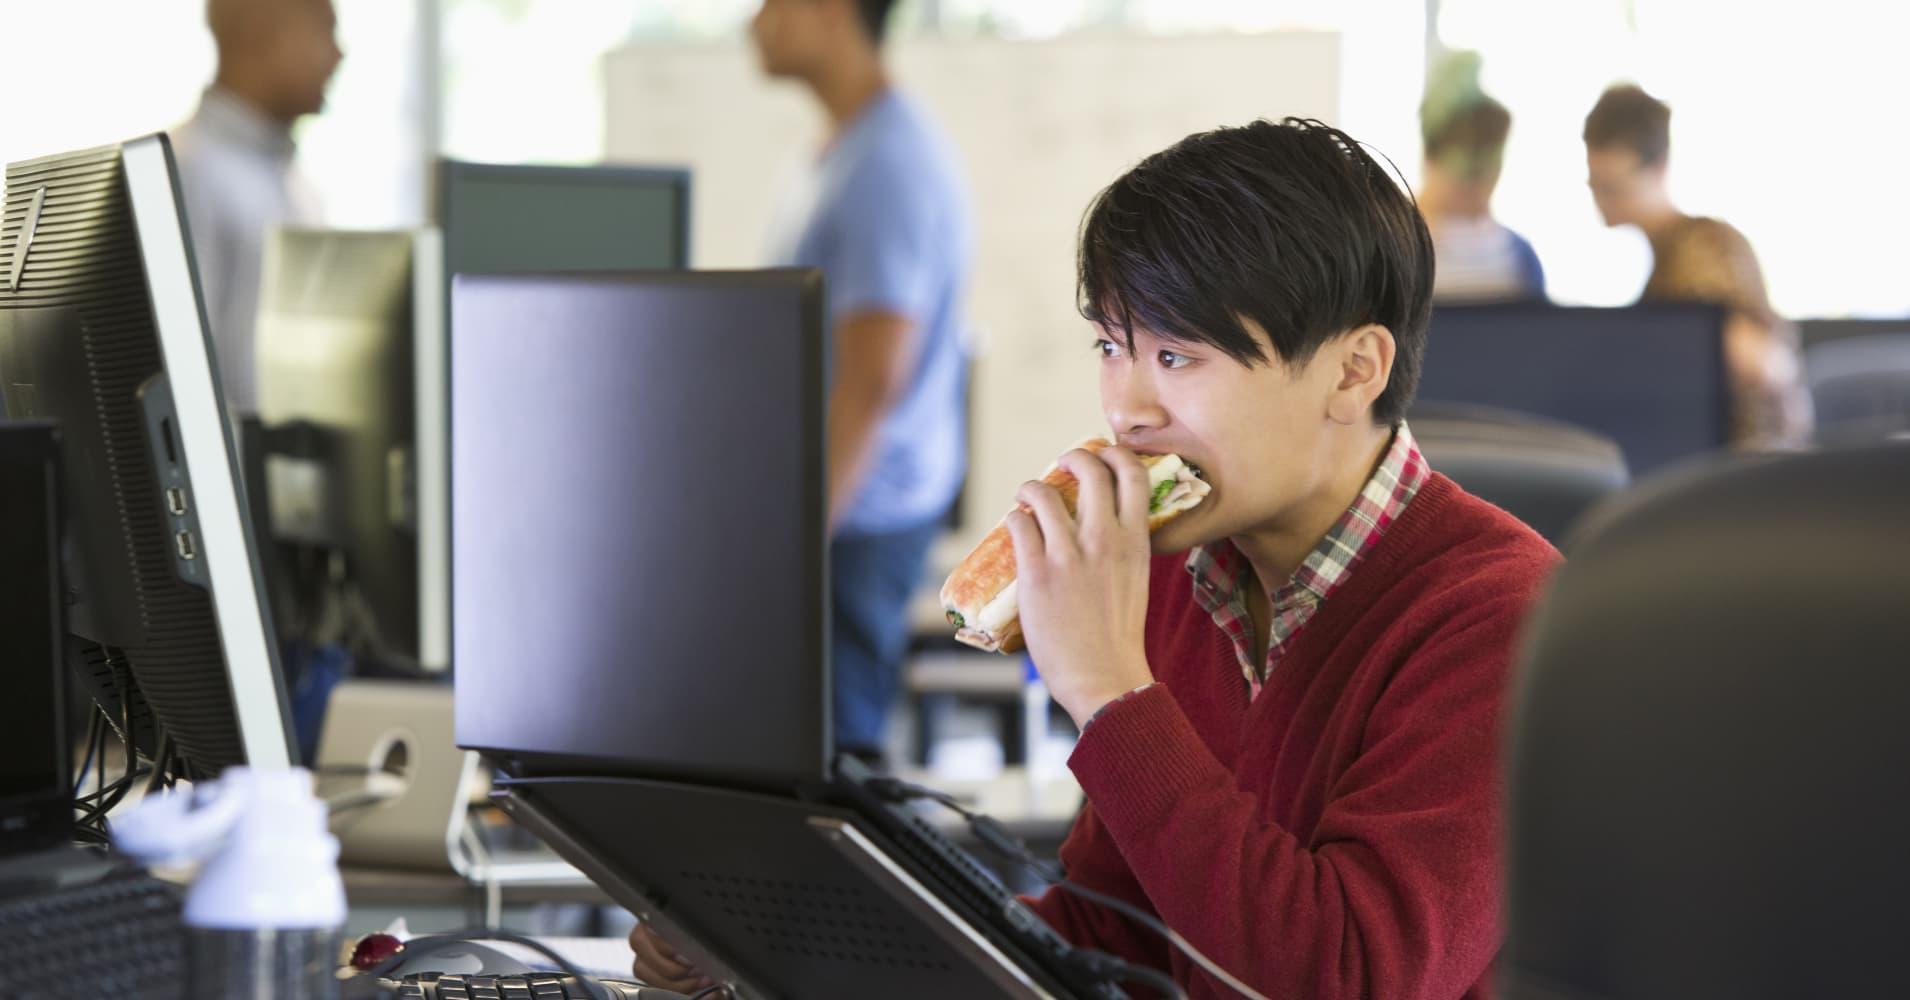 Glassdoor survey: UK employee work and lunch break habits